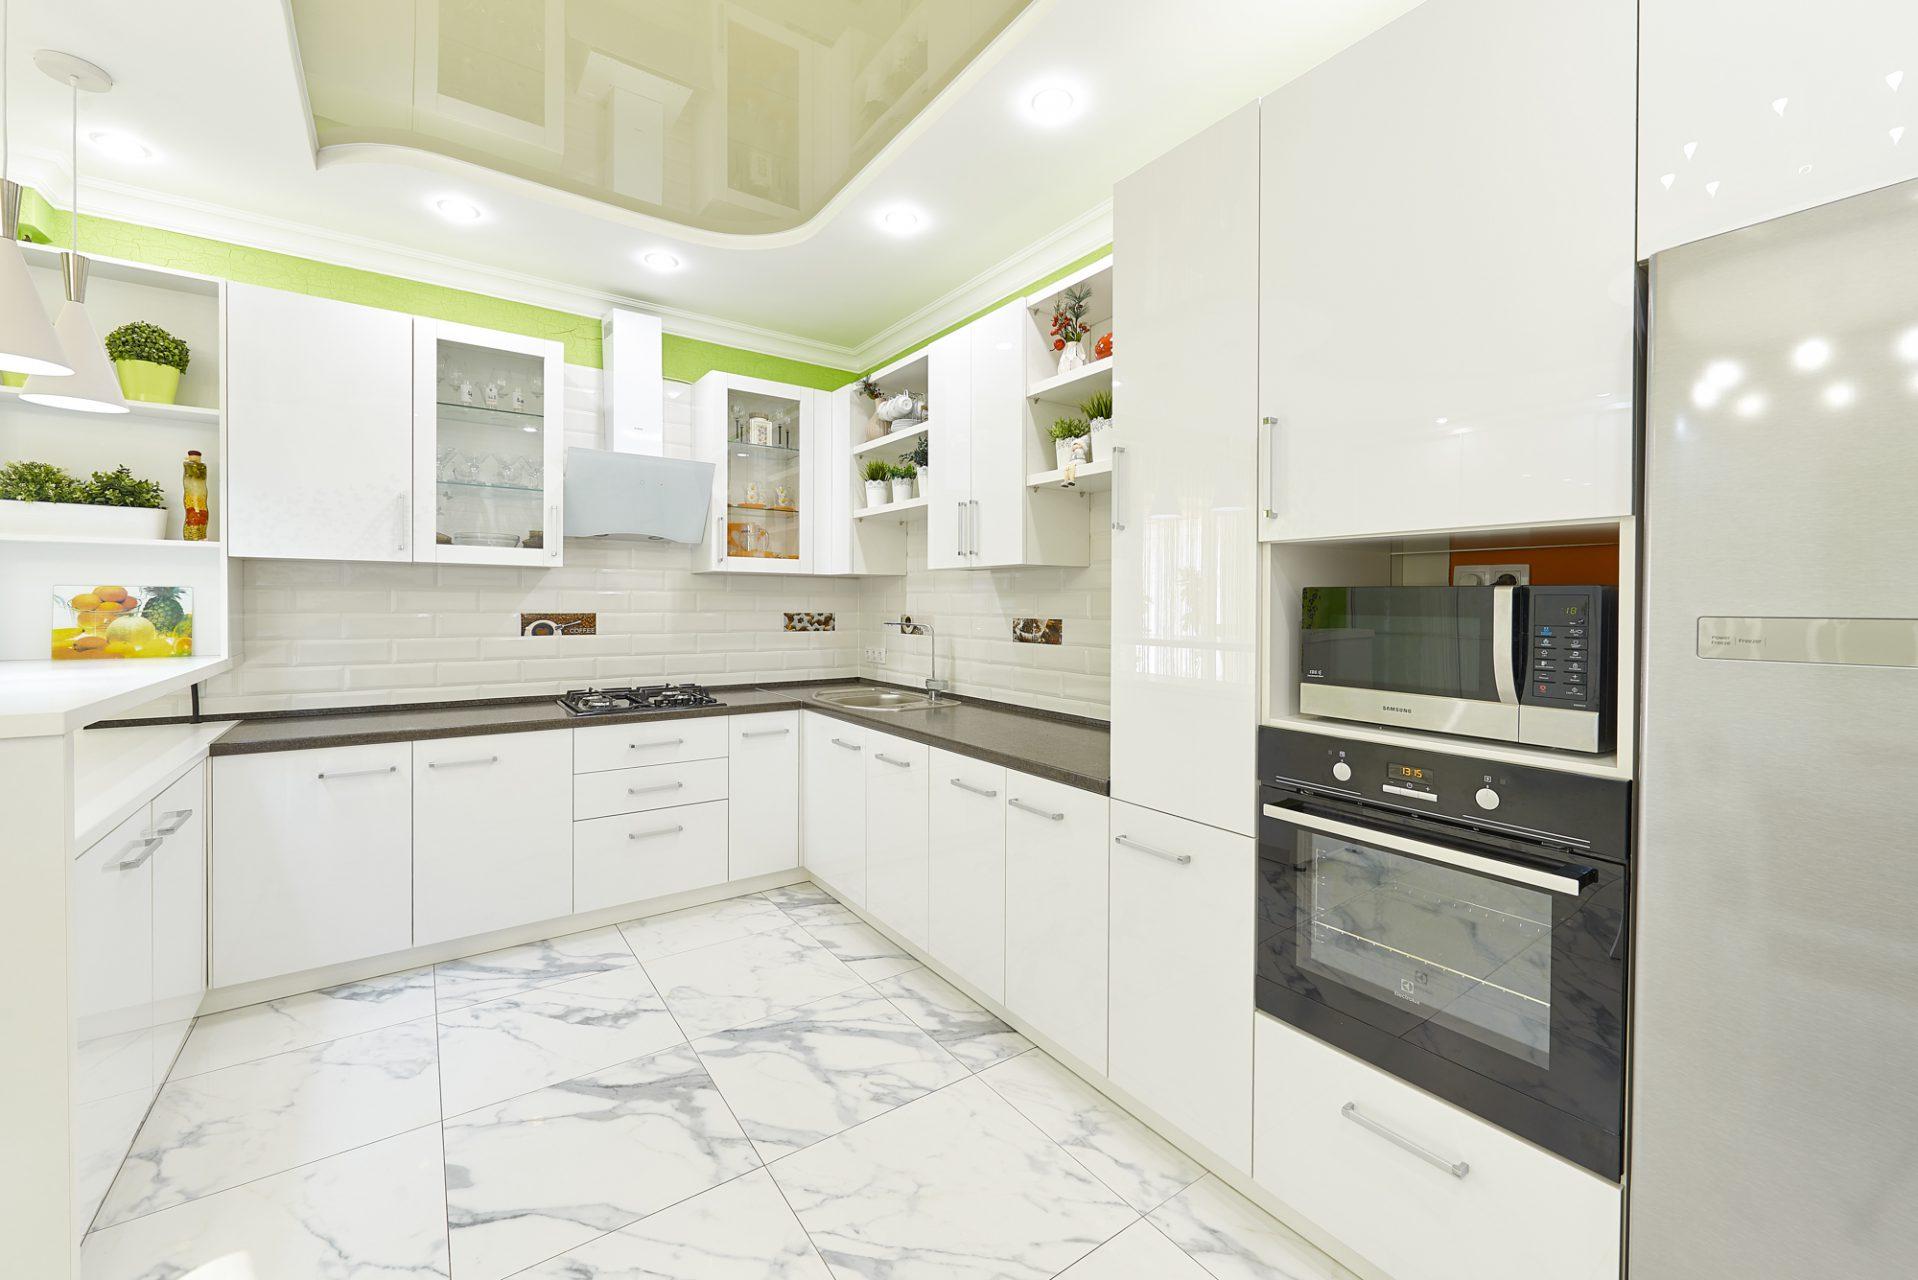 006_interior_kitchen1_korneychikeu